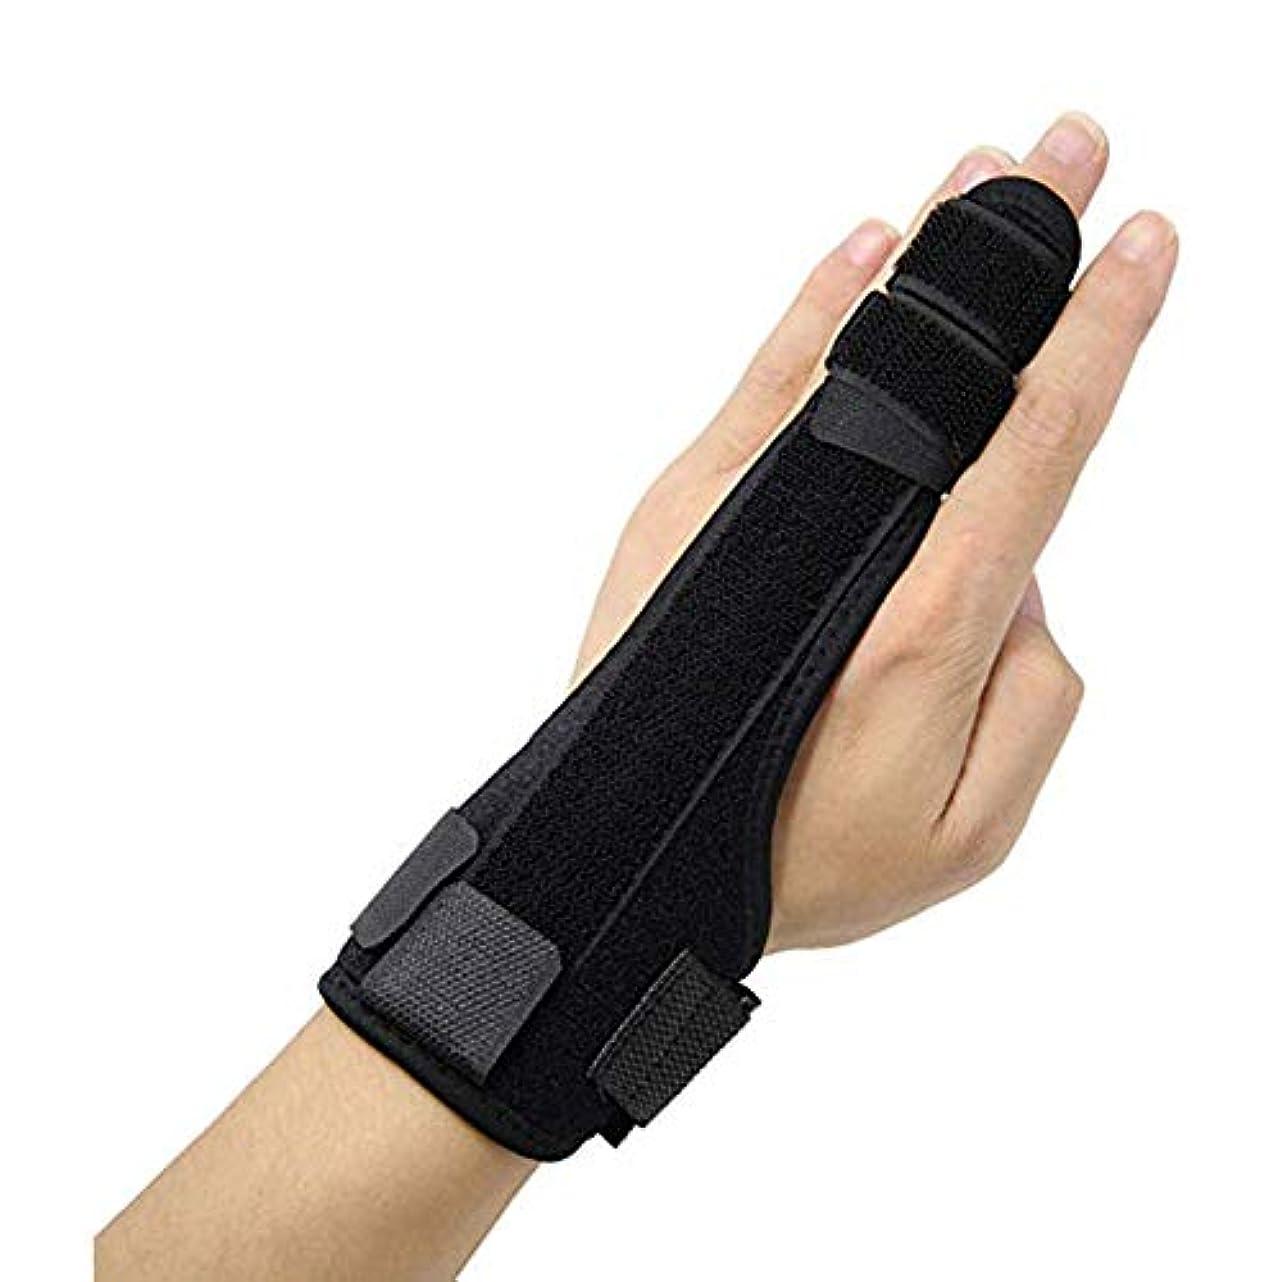 差別する誤解貫通する壊れた指、傷害、関節炎、トリガと痛みを軽減を矯正するために添え木、可塑性アルミニウムストリップブレースサポートフィンガー